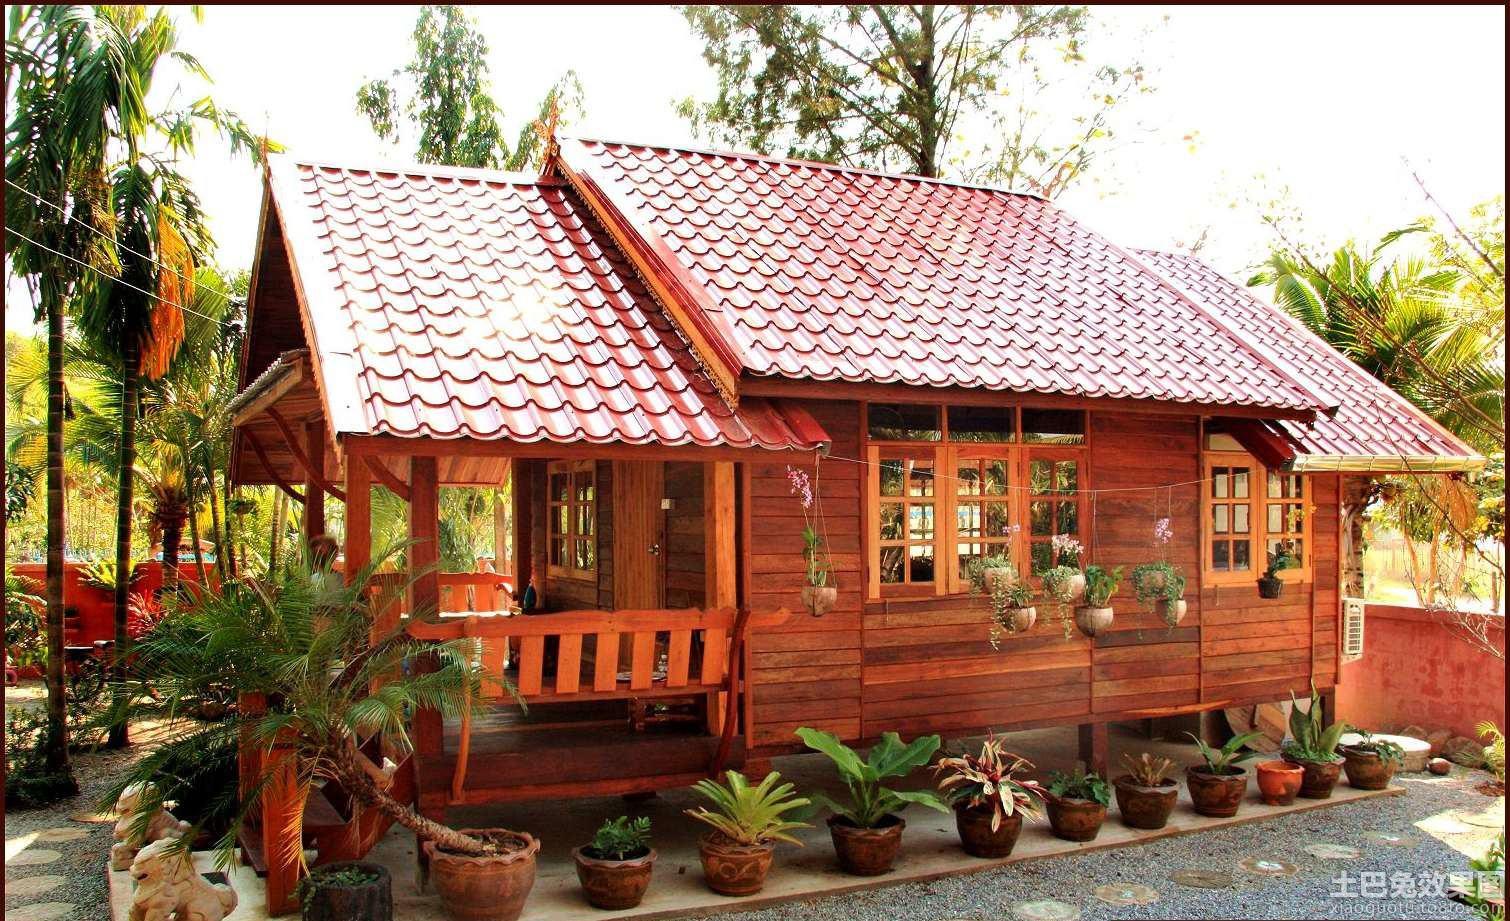 中式木结构房屋图片装修效果图